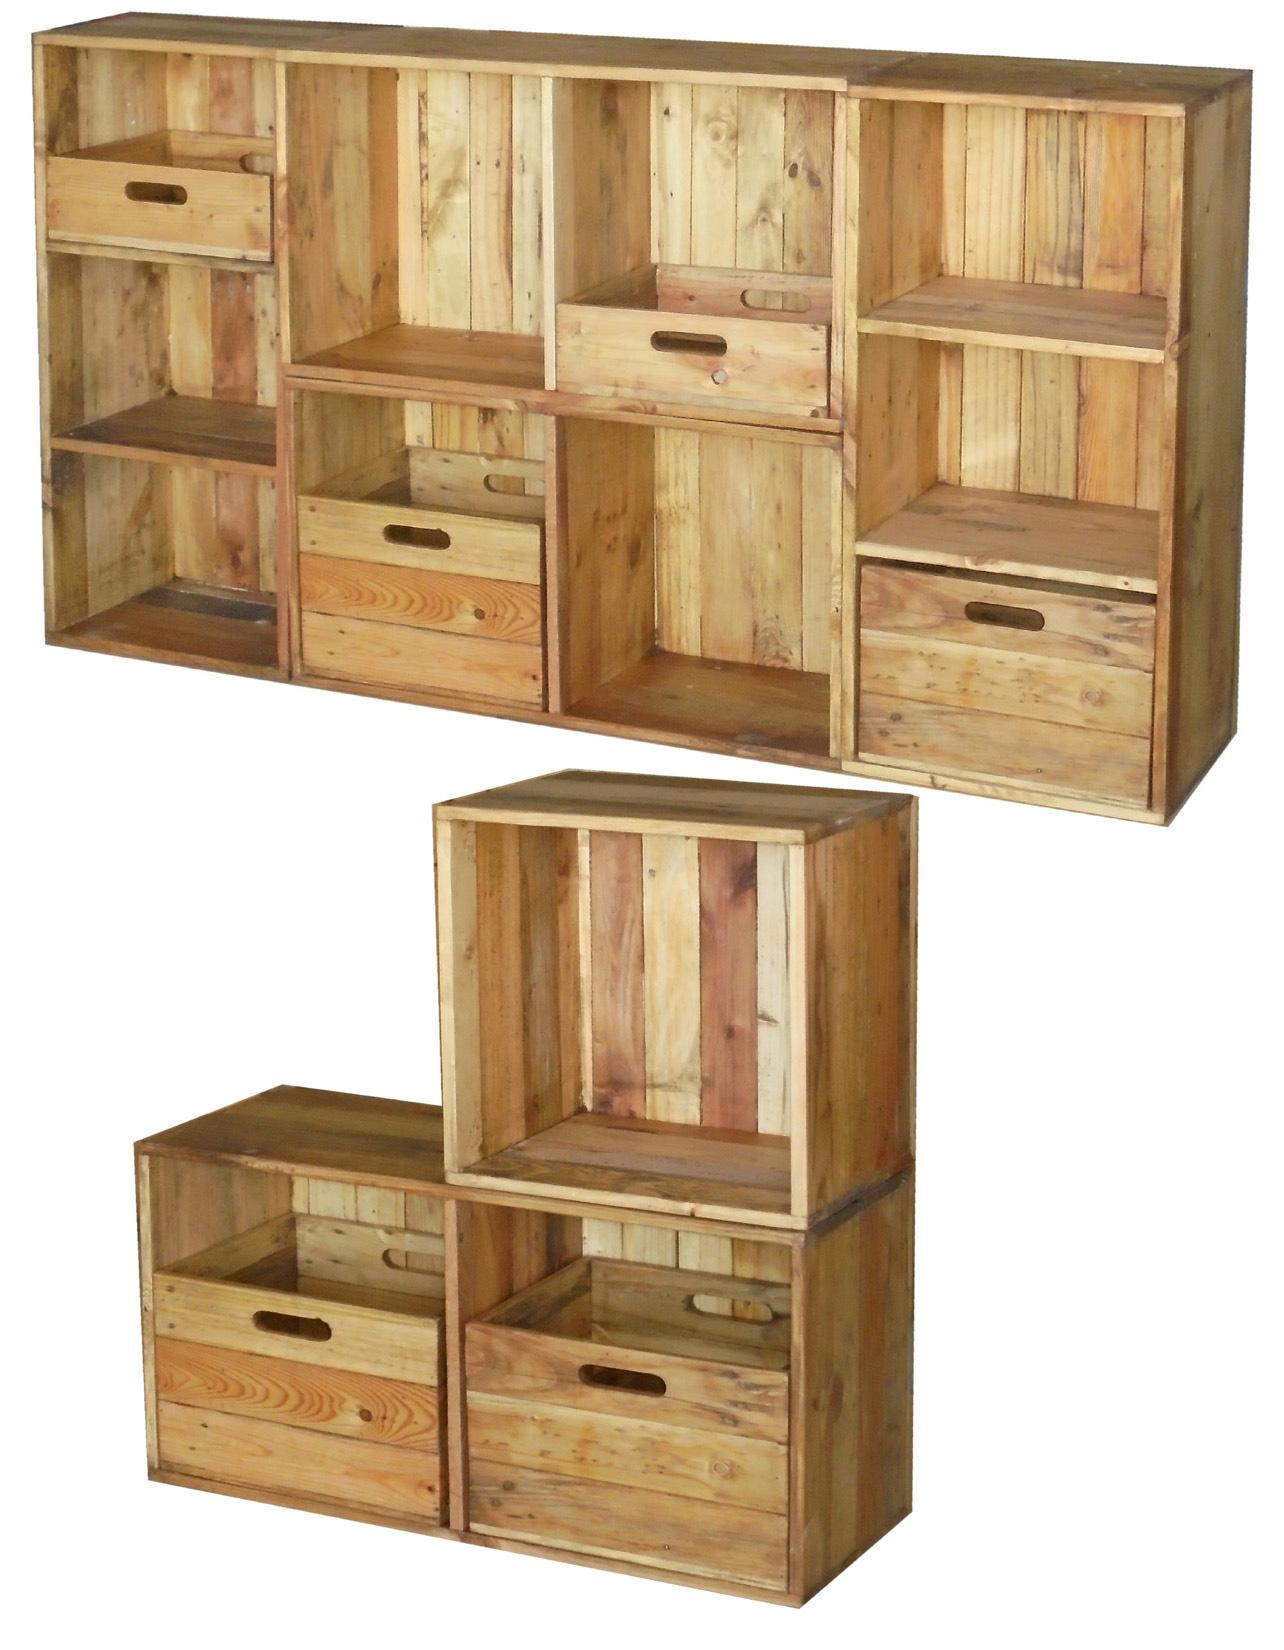 カラーボックス木製イメージ